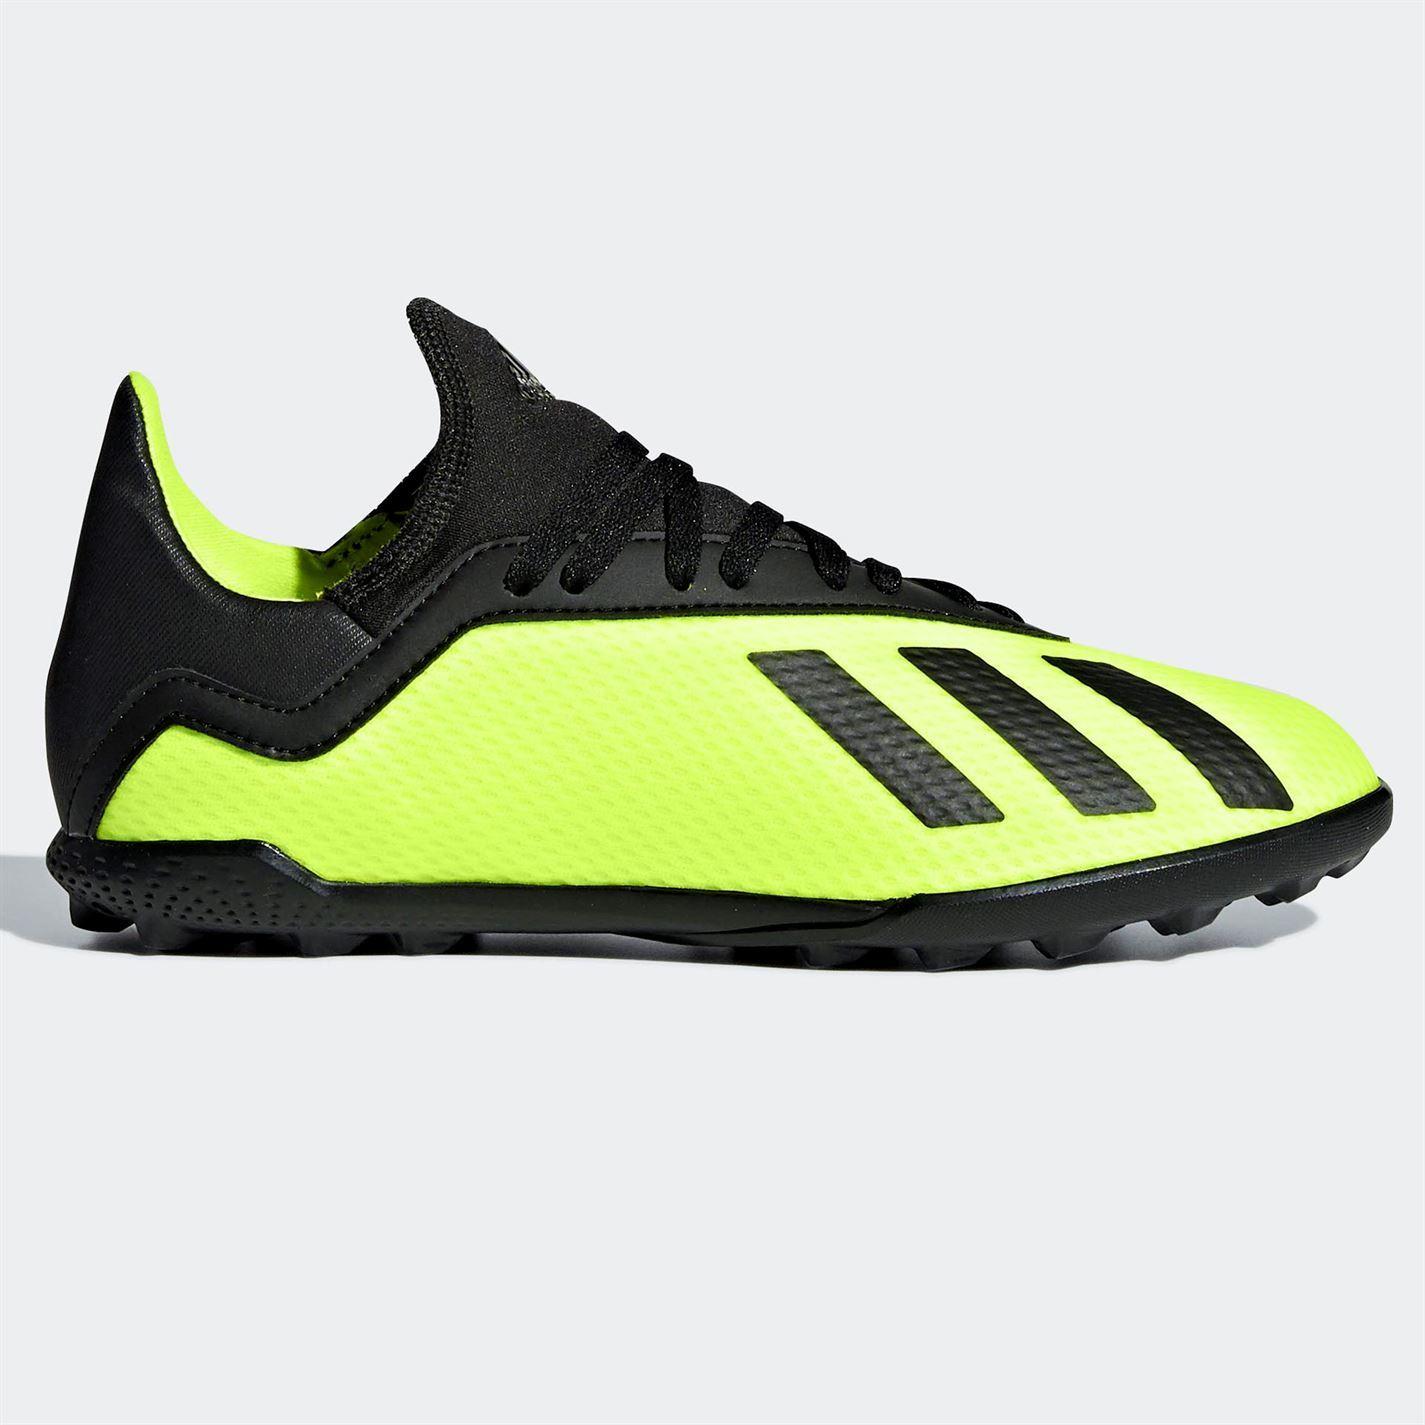 Details zu Adidas X Tango 18.3 Teppchrasen Fußballschuhe Kinder Fußball Schuhe Sneaker